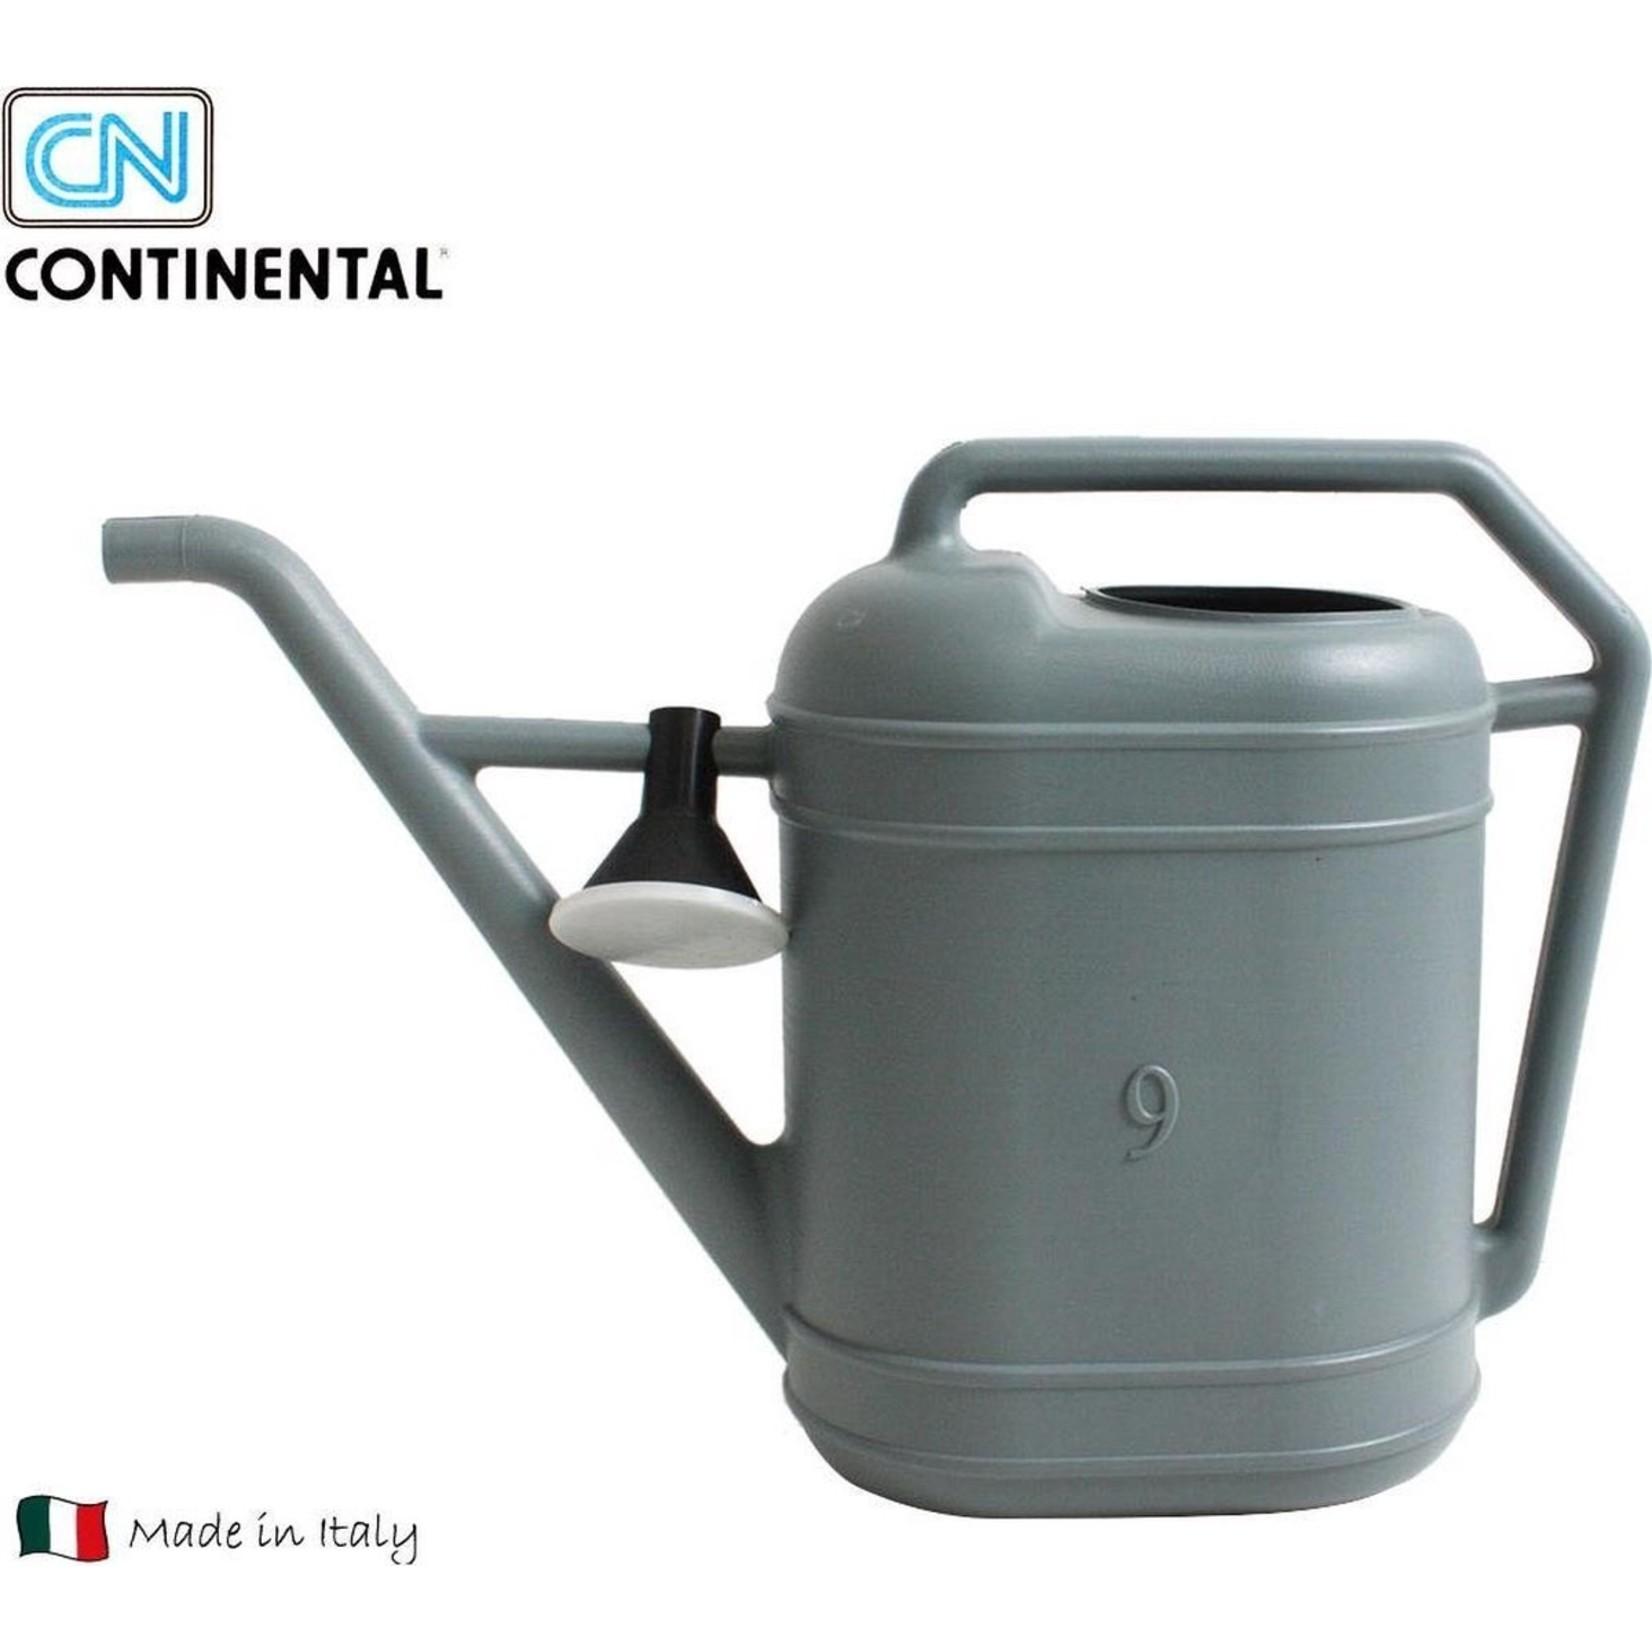 CN Continental gieter 9 liter